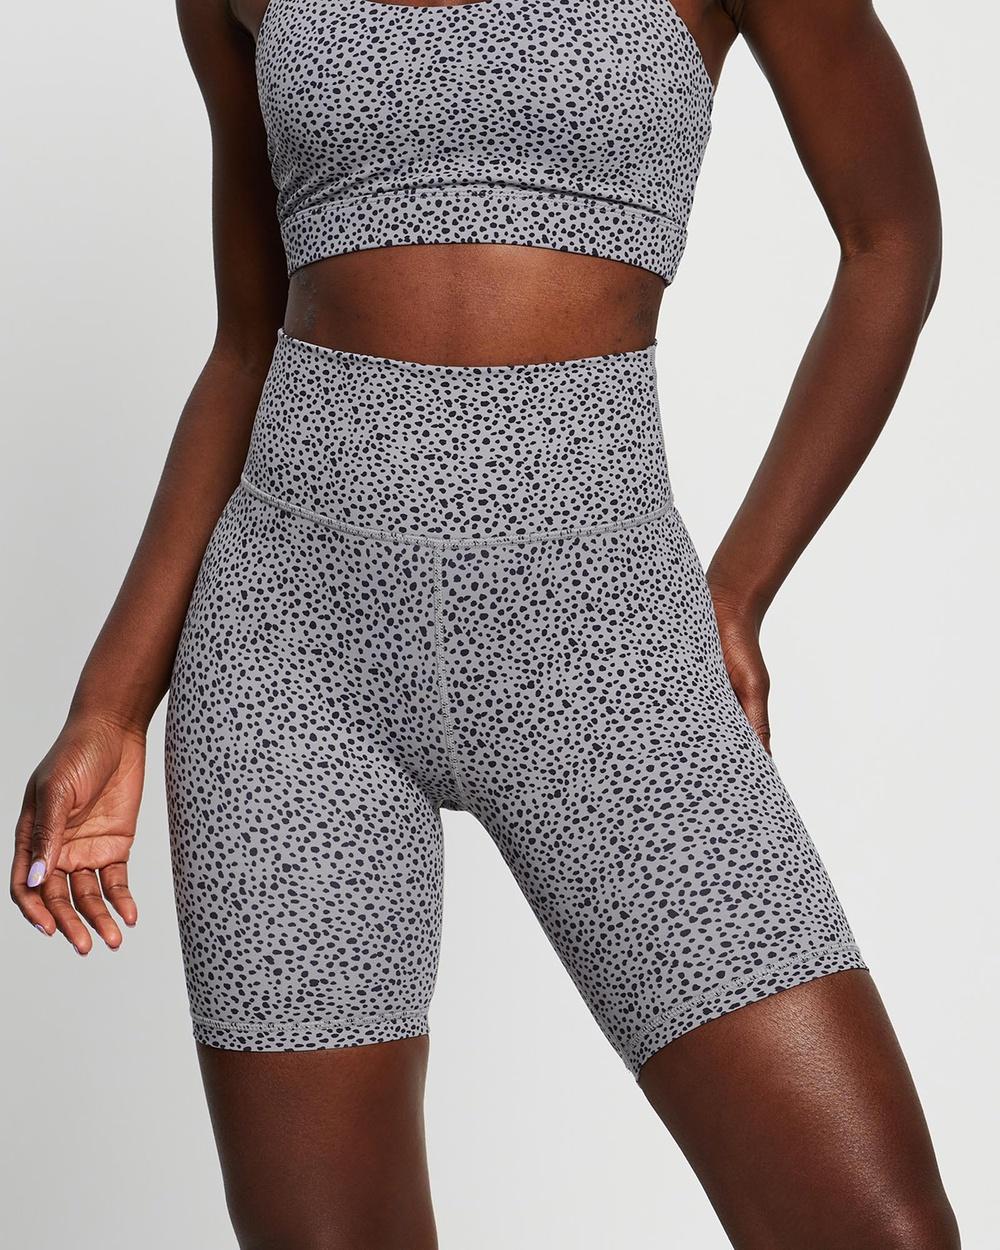 All Fenix Kira Bike Shorts 1/2 Tights Grey